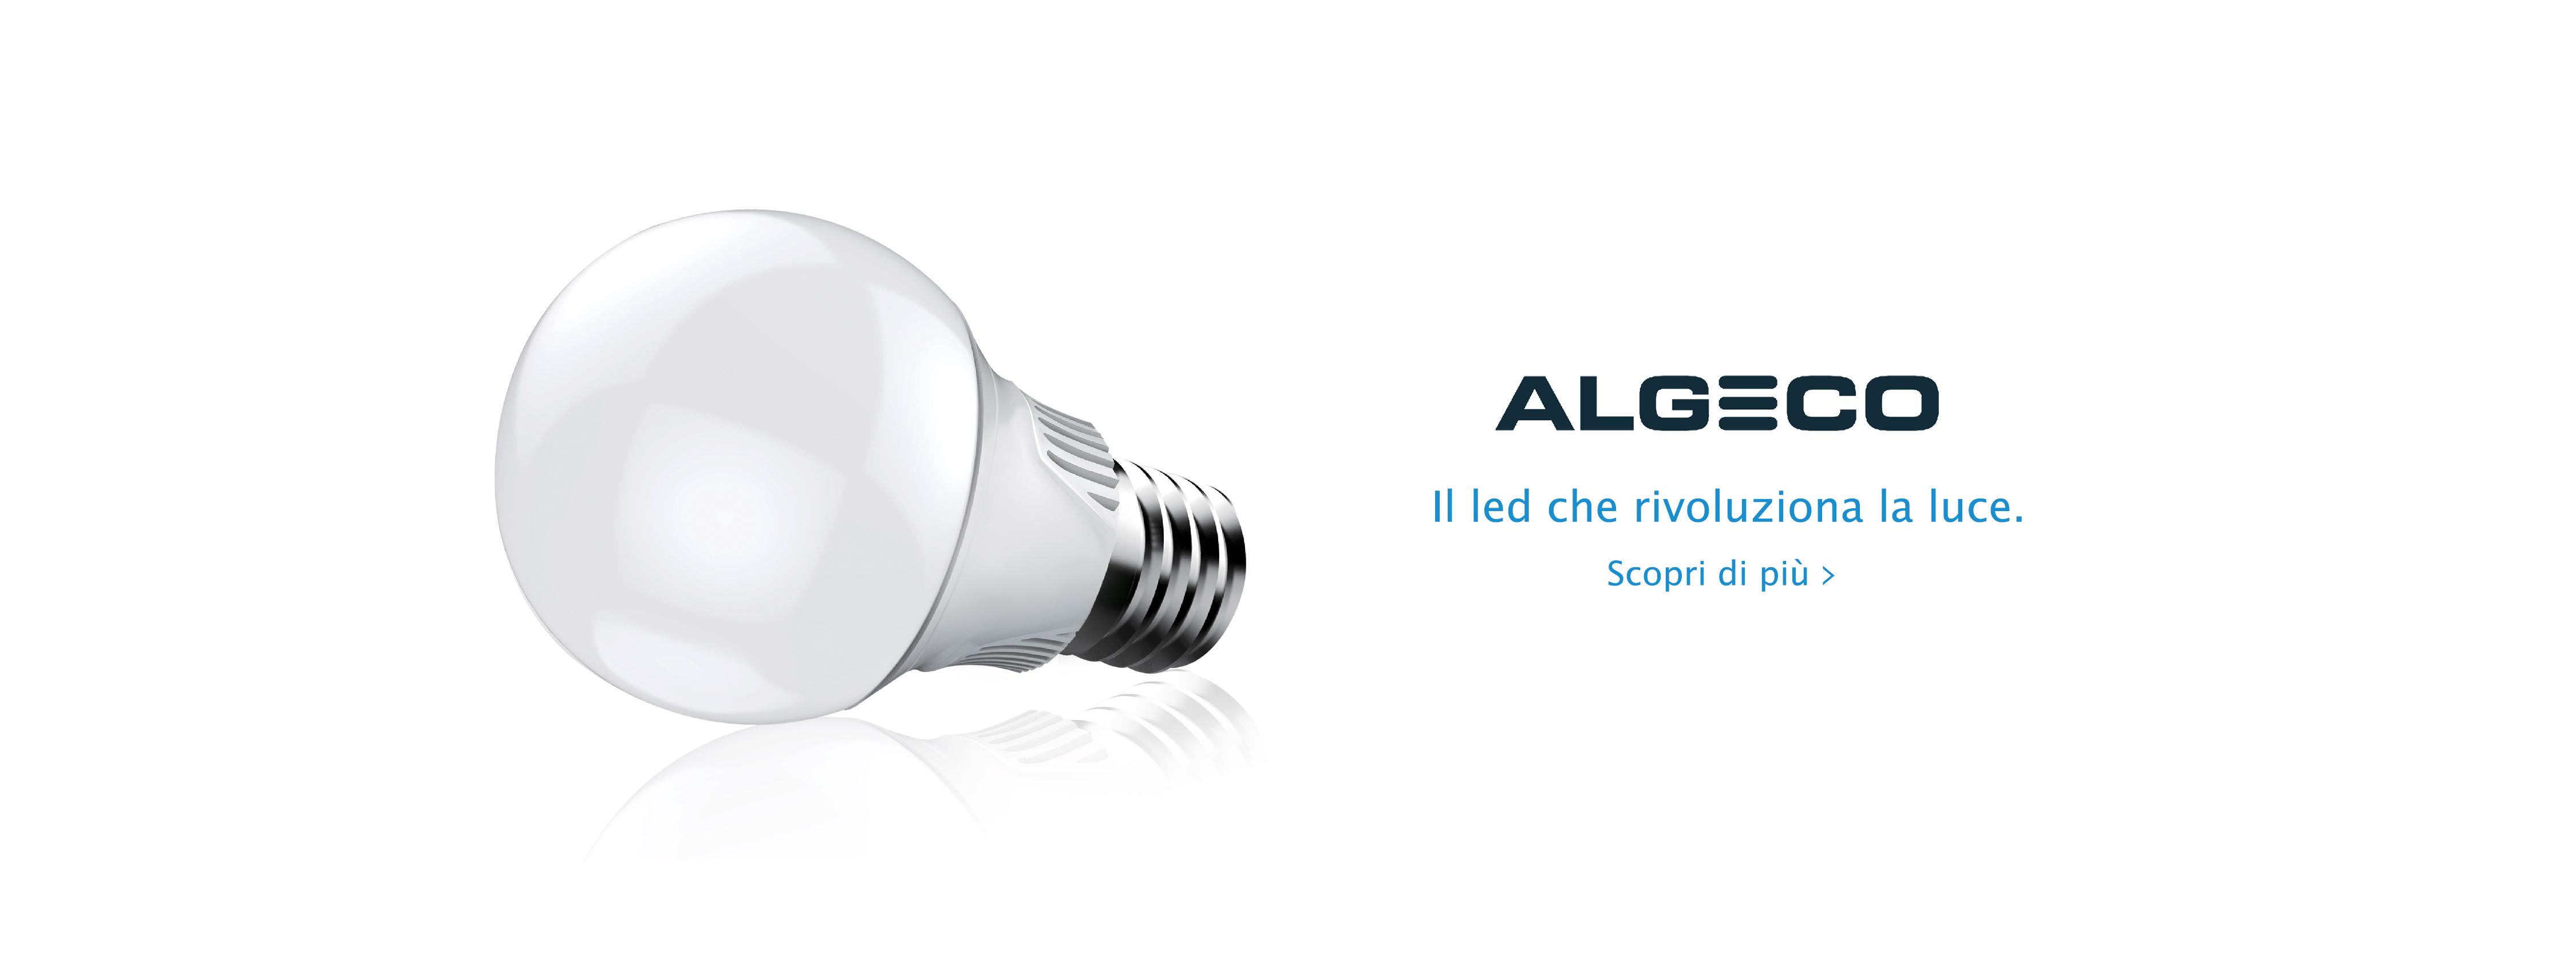 led-algeco_4500x1700